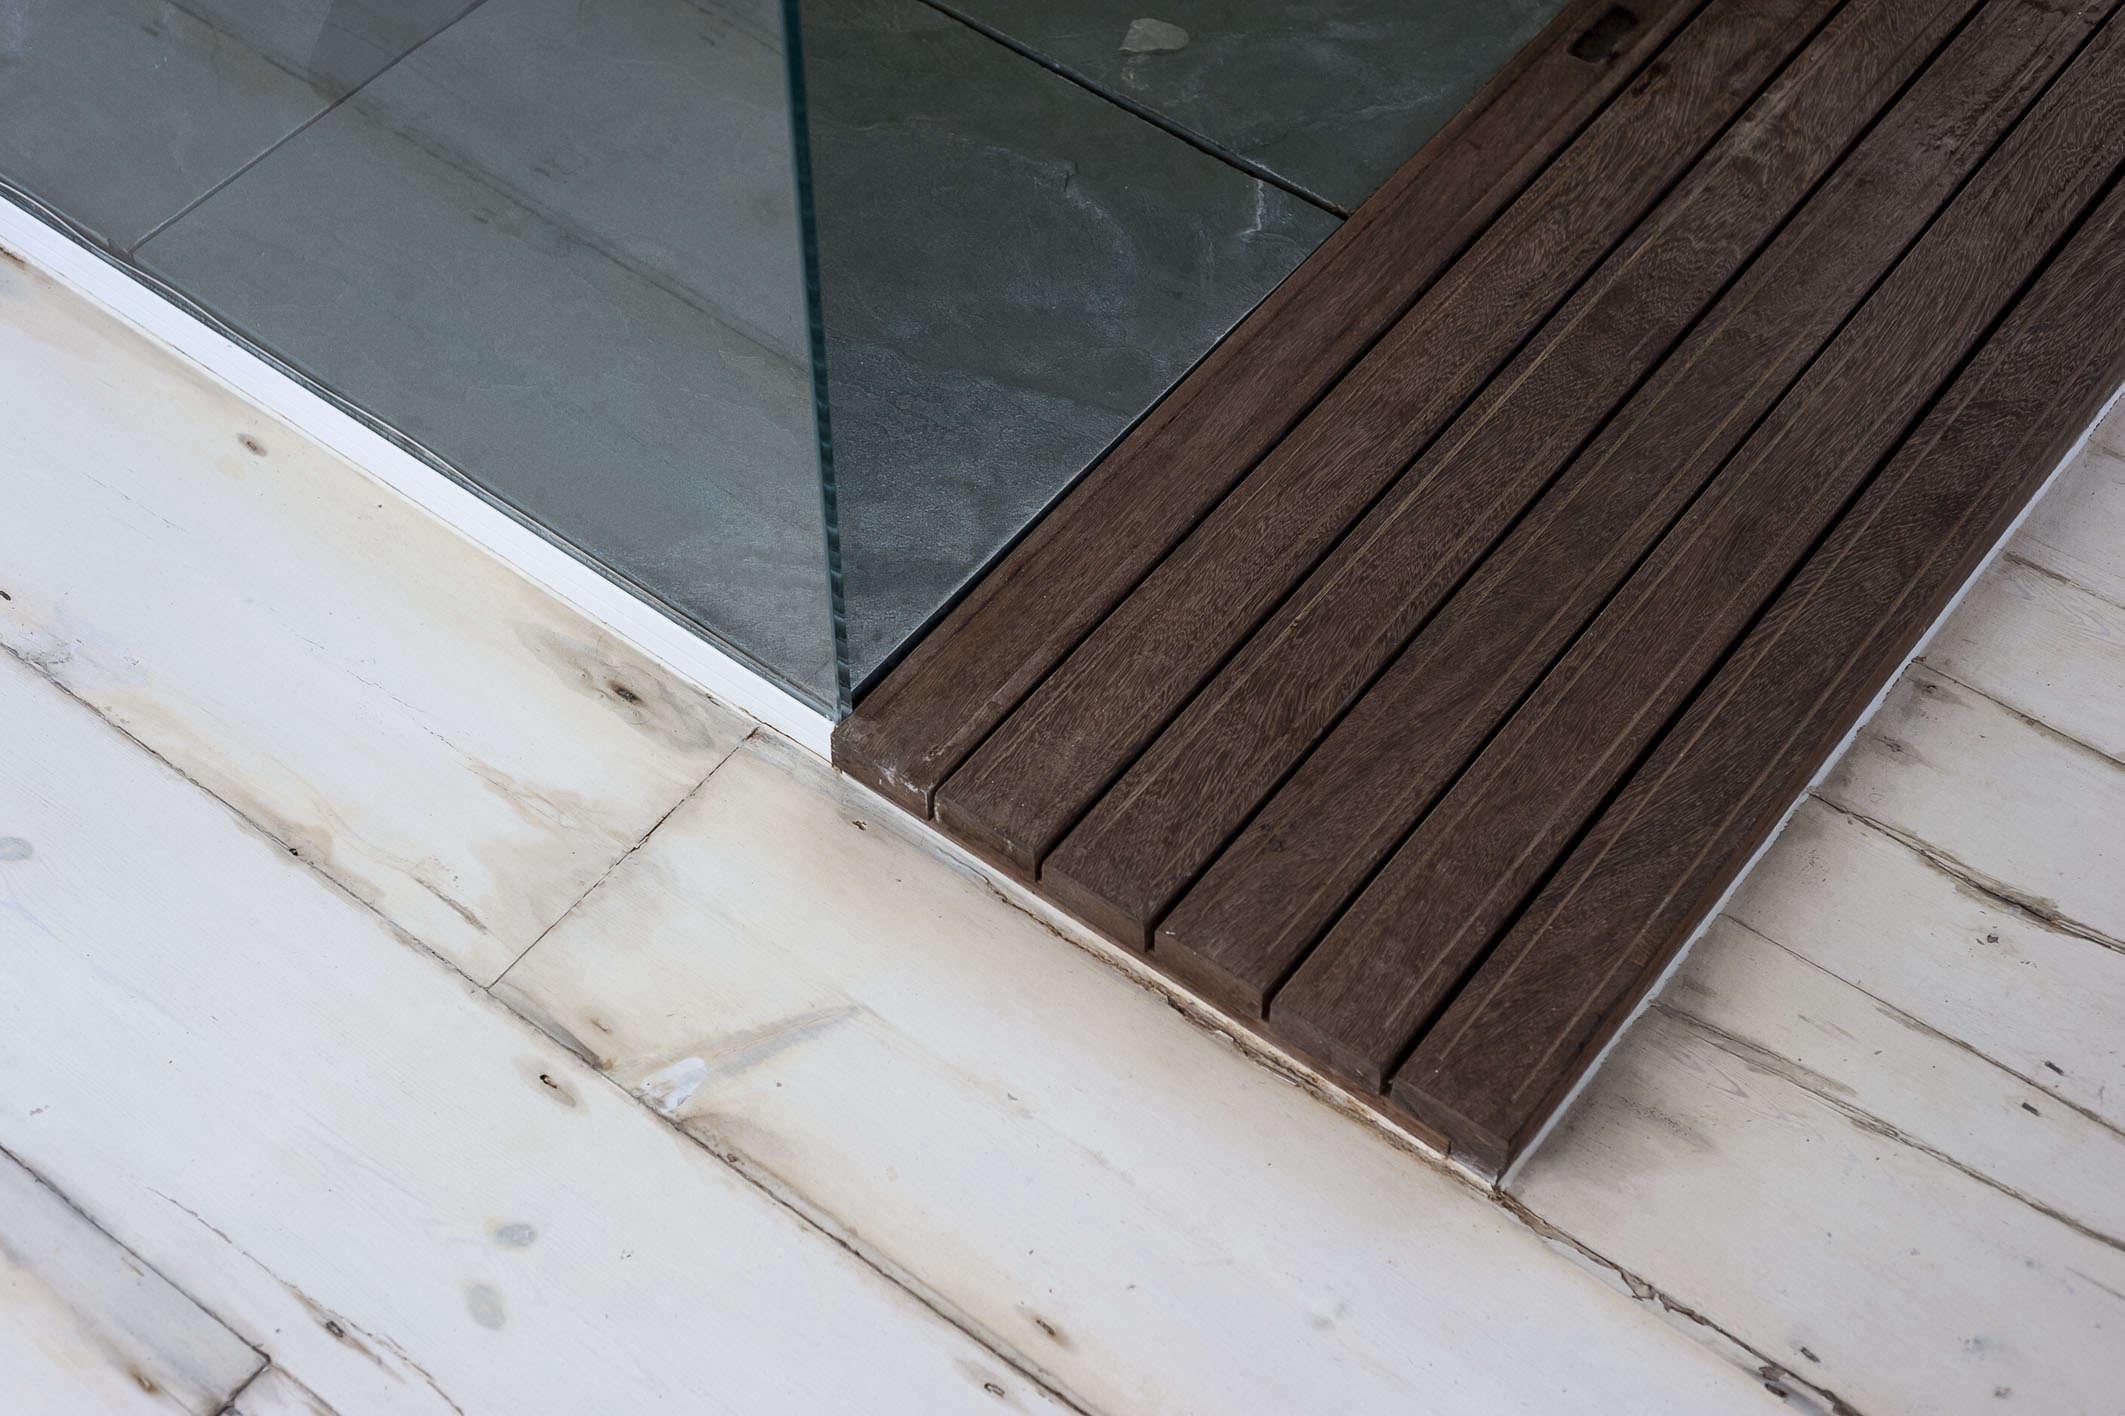 wood-bath-pan-outside-shower